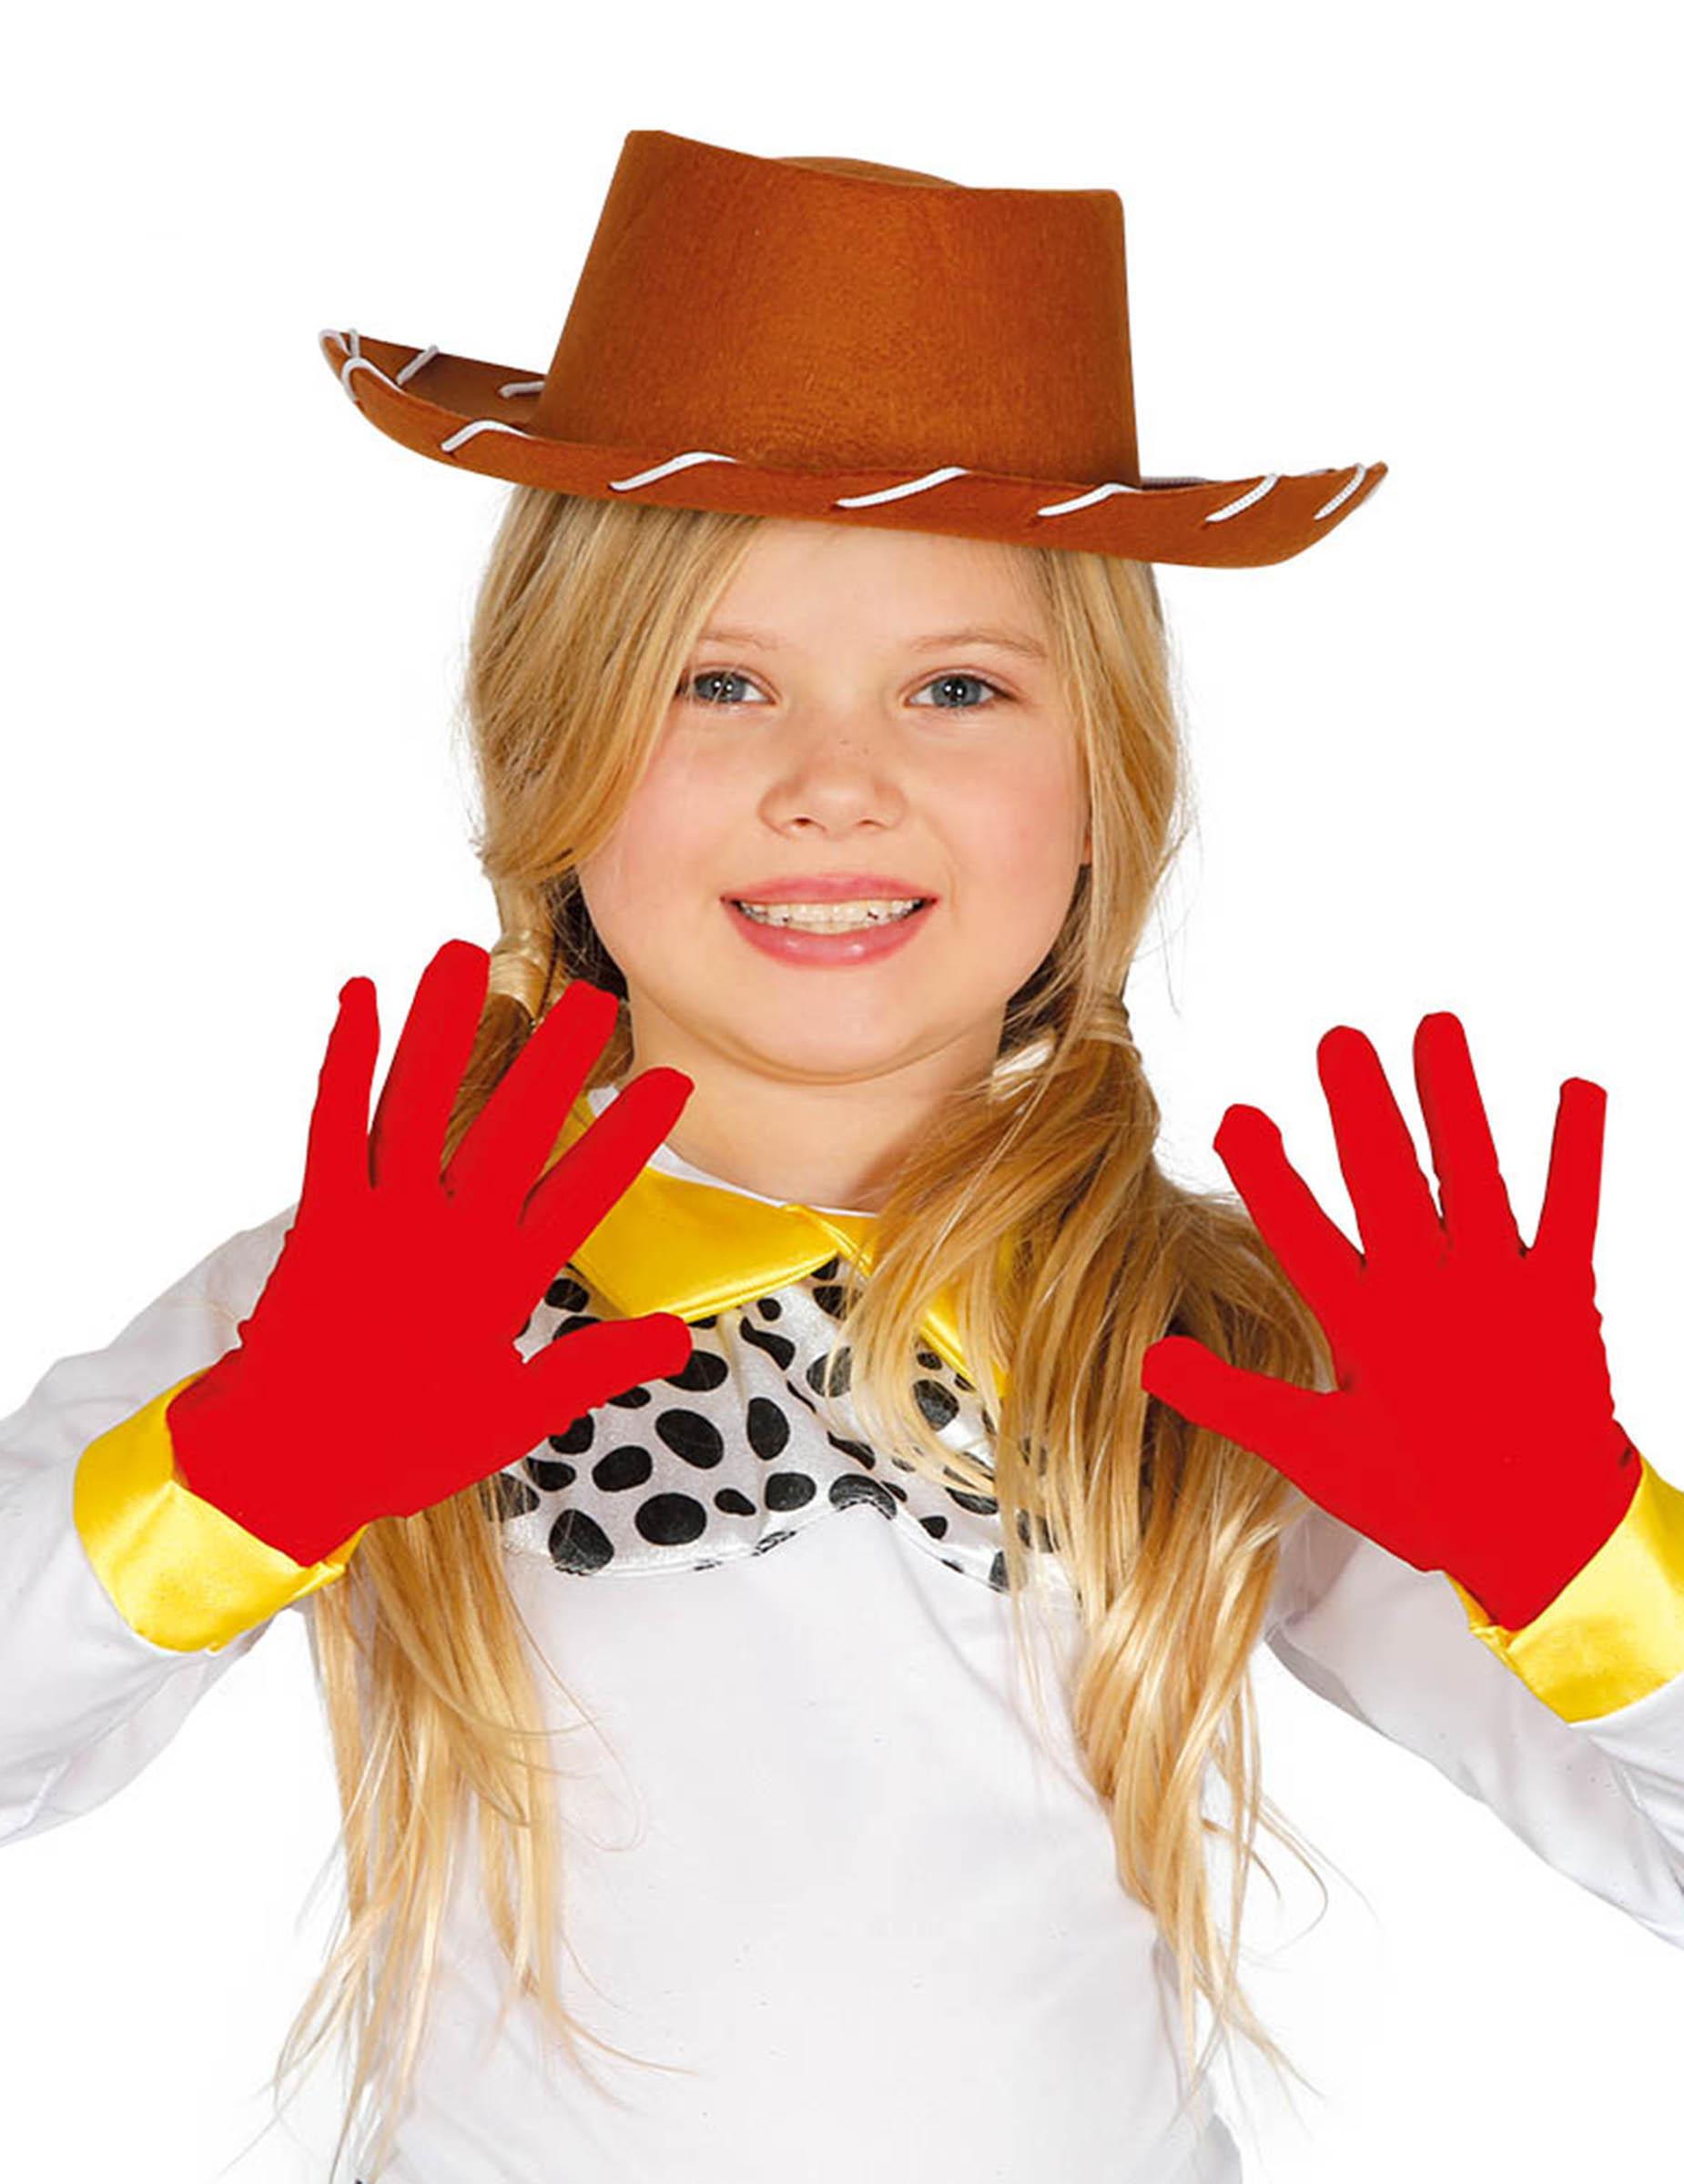 Kurze Kinder Handschuhe Kostum Accessoire Rot Gunstige Faschings